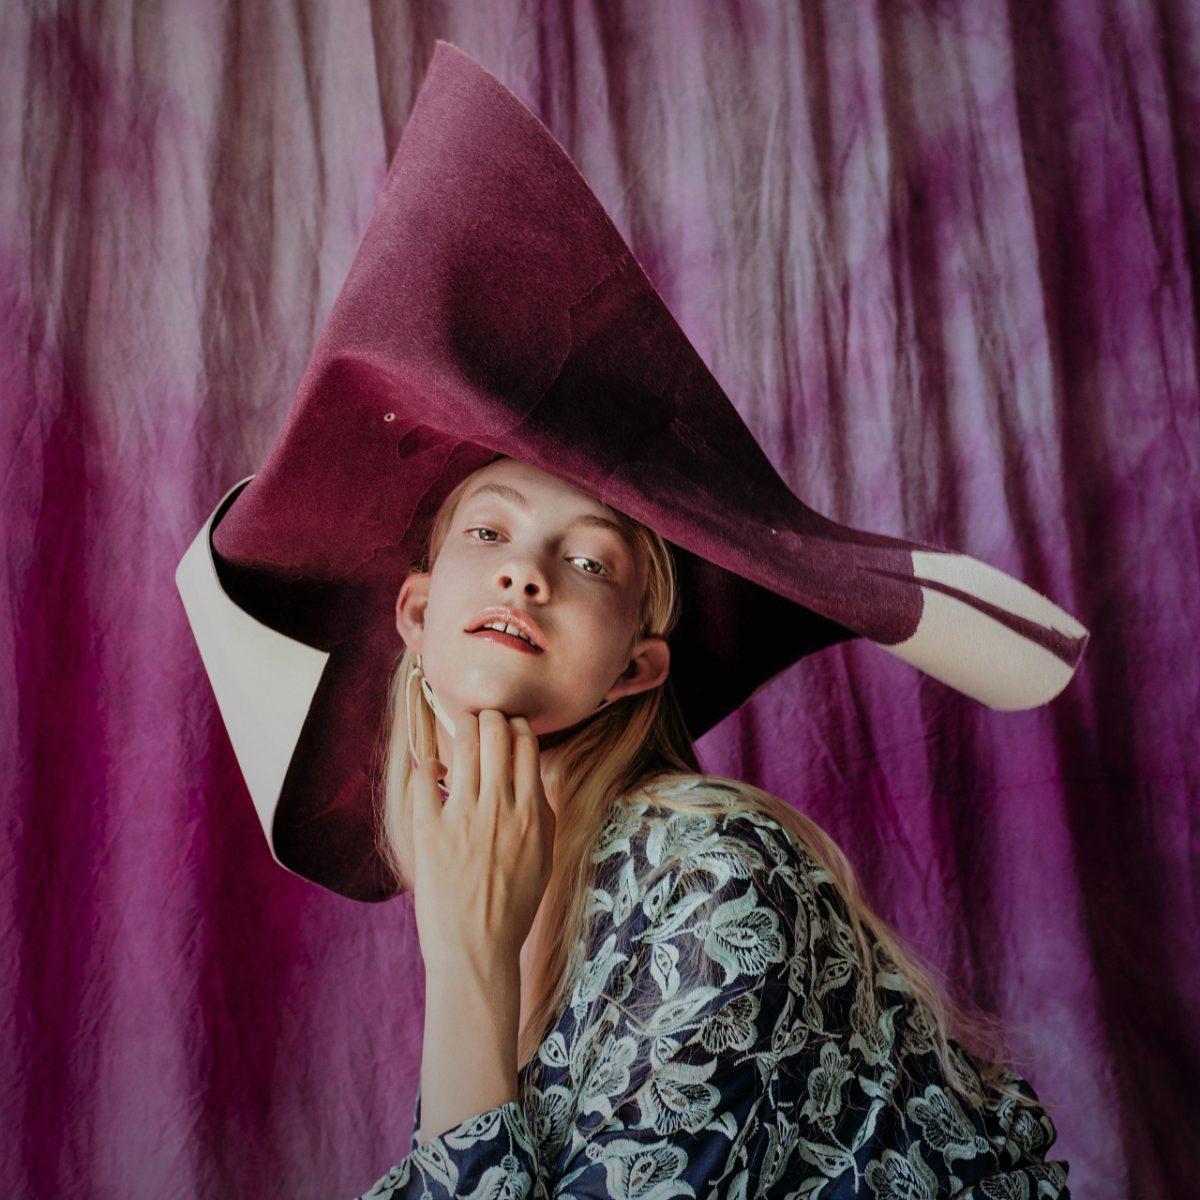 Photographie de portrait couleur par Maarten Schröder, mode, fille, chapeau, violet